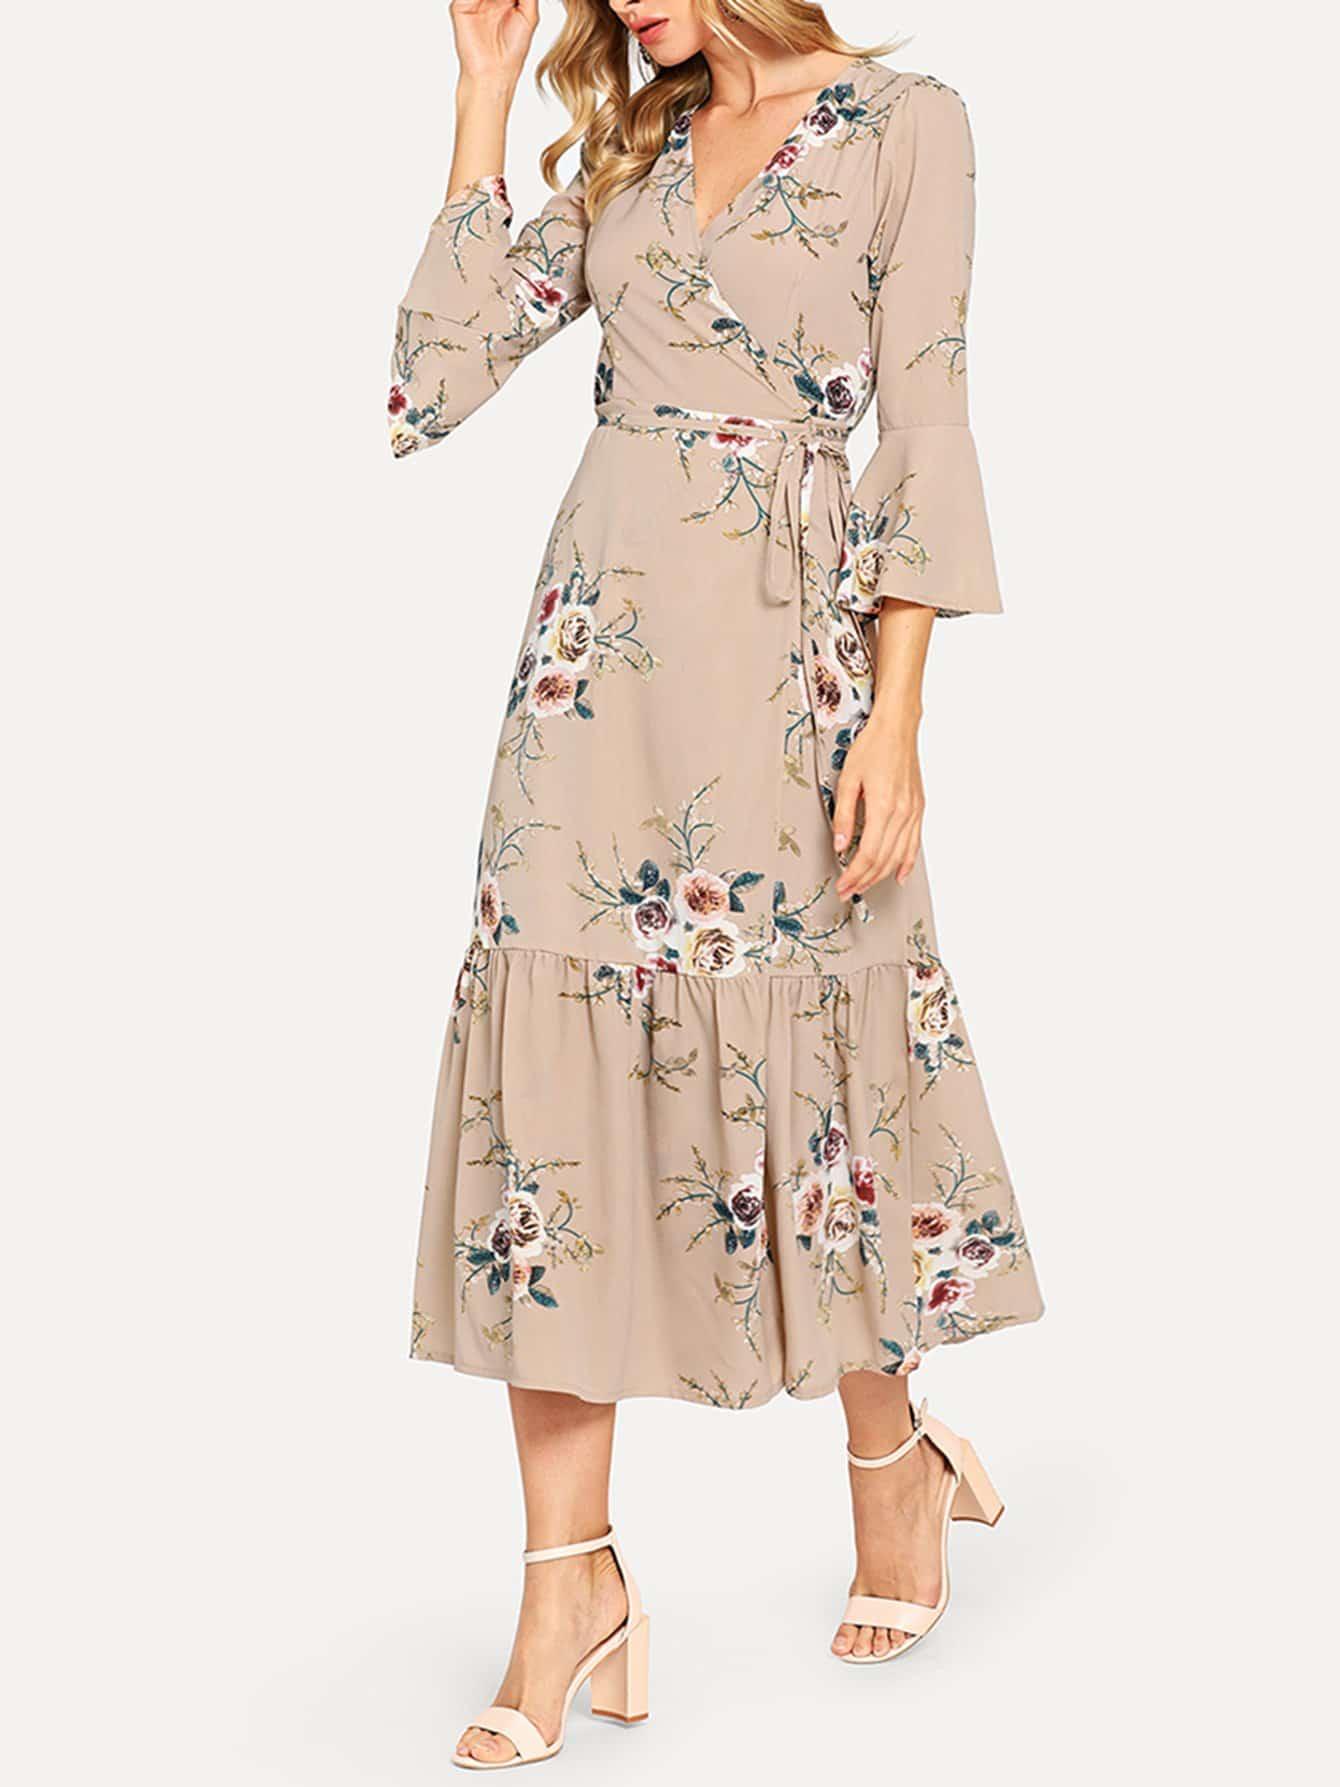 Купить Цветочное платье с оборками рукавами и с поясом, Masha, SheIn